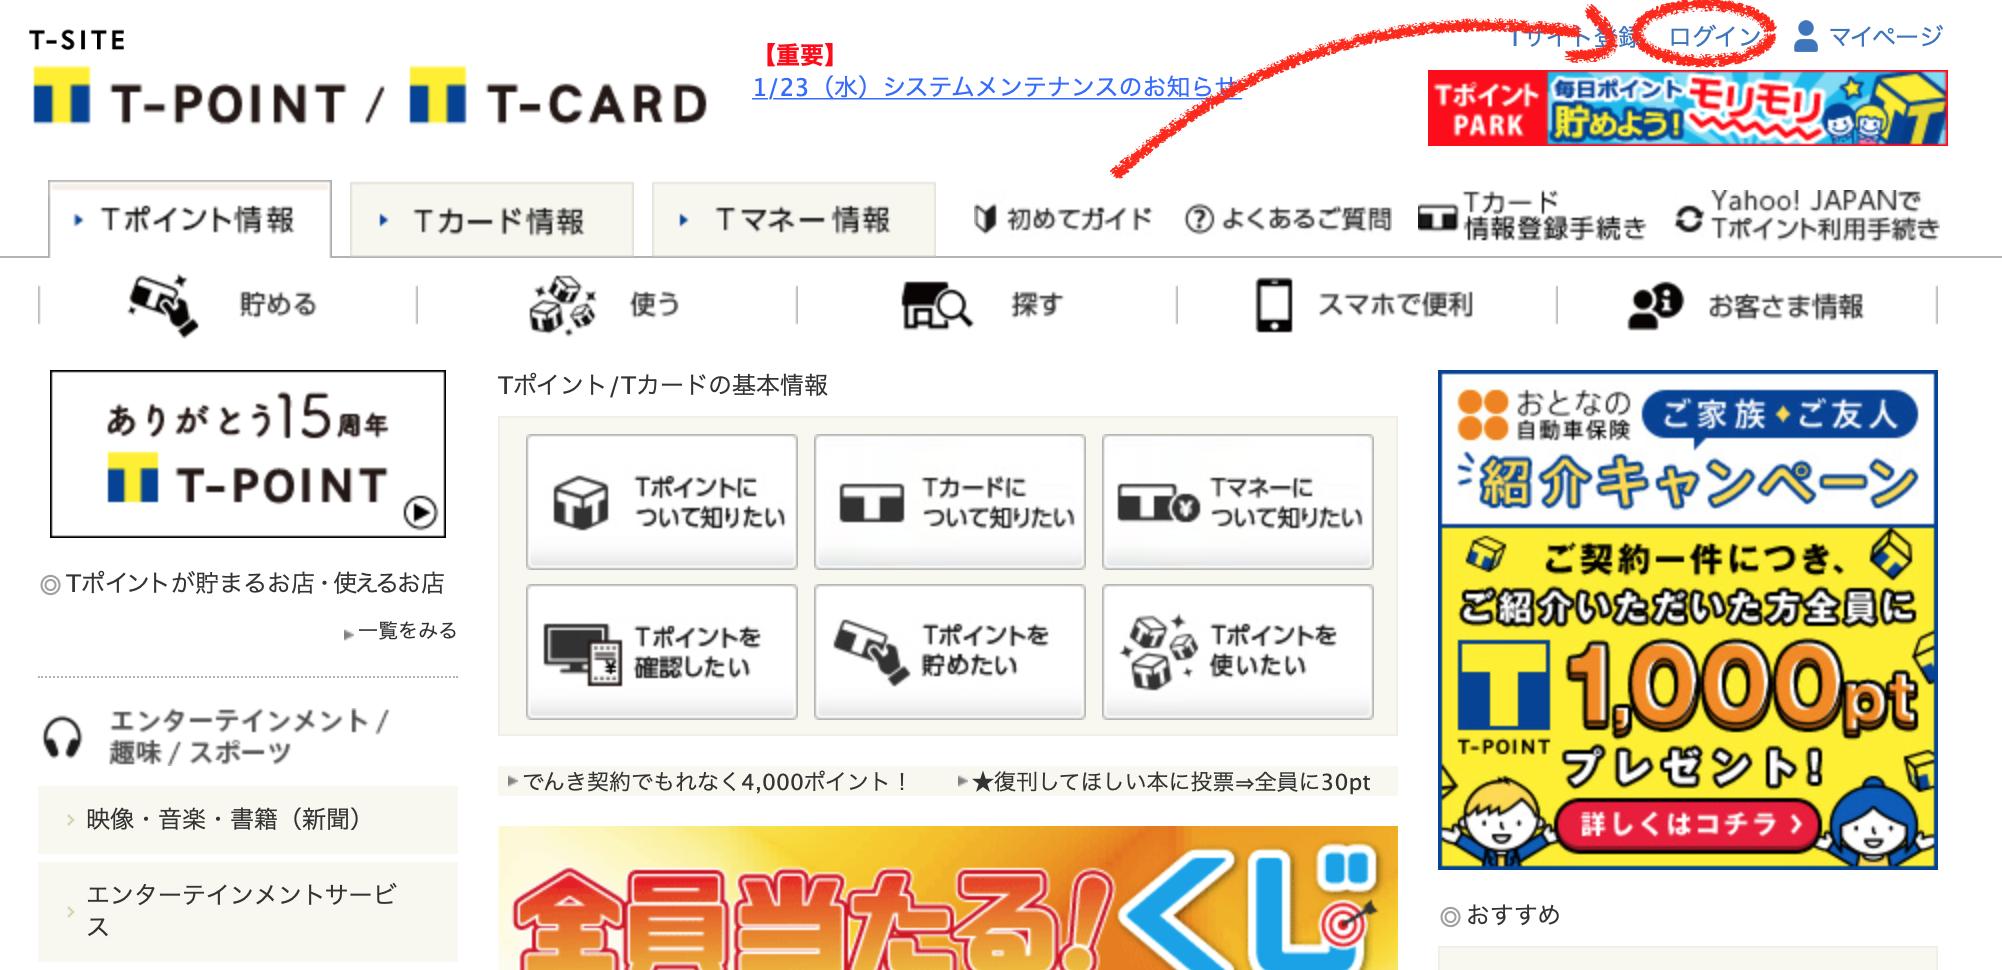 クレジット T 解約 カード